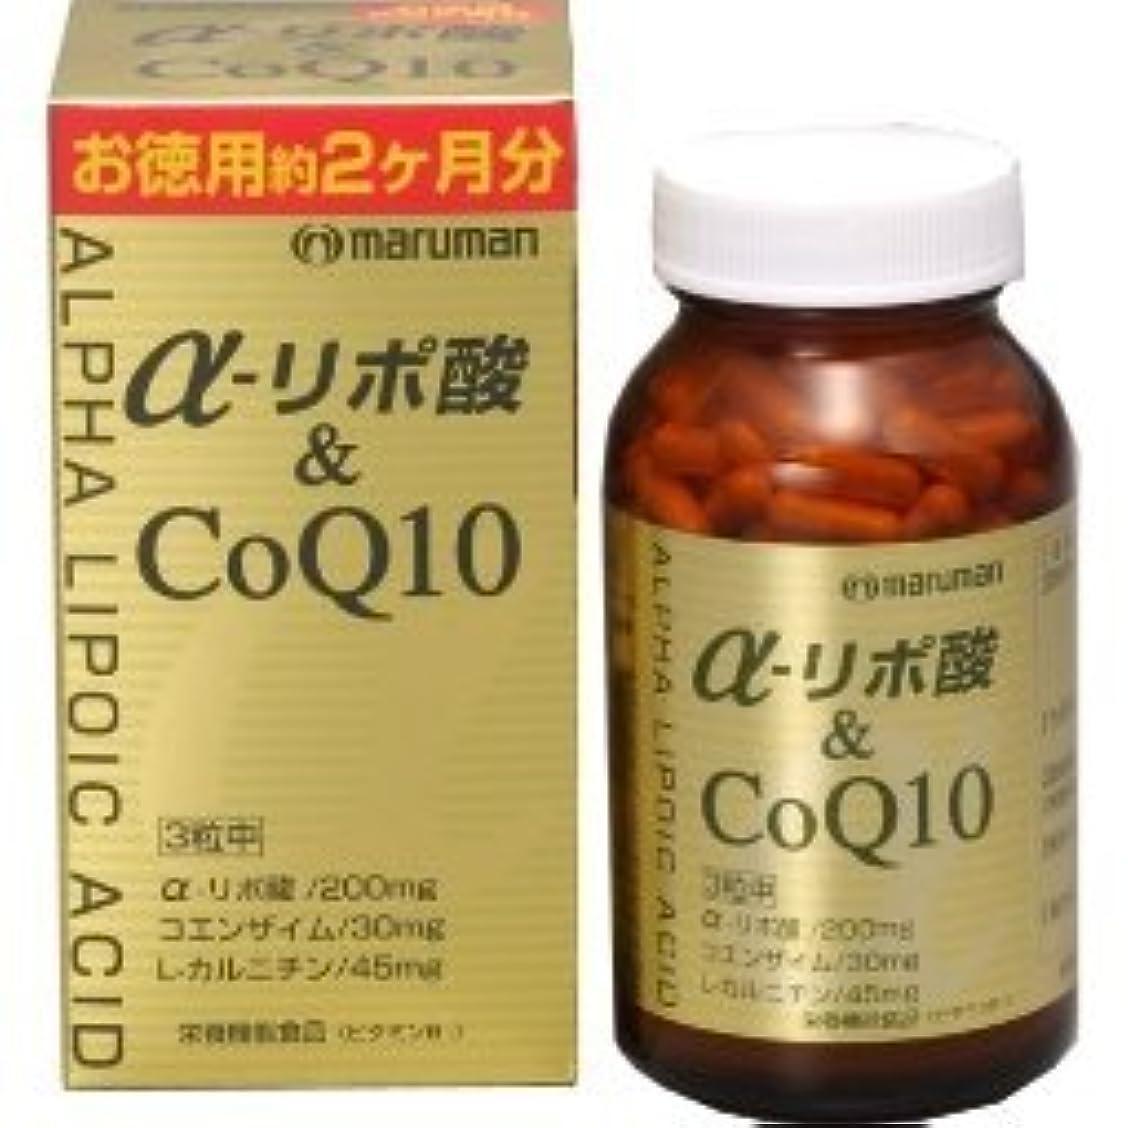 有効な精通したサイトαリポ酸&COQ10 180粒